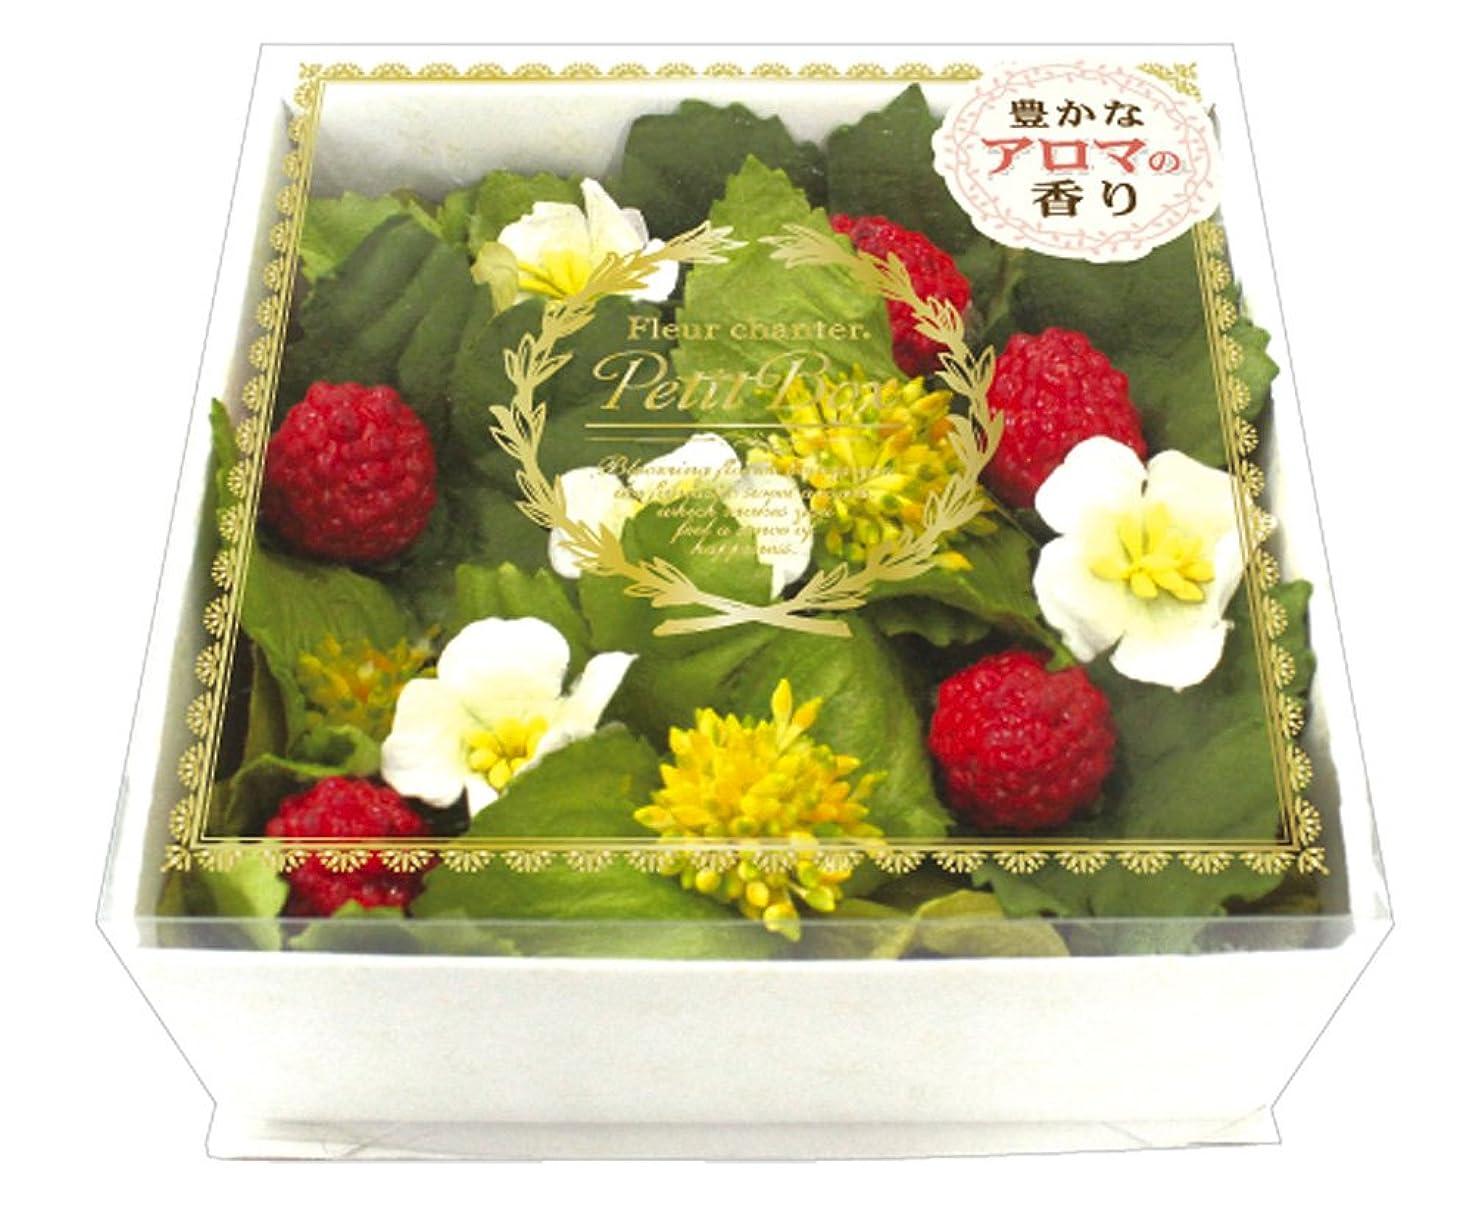 ノルコーポレーション ルームフレグランス フルールシャンテ ボックス プチ フレッシュストロベリーの香り OA-LAB-2-5